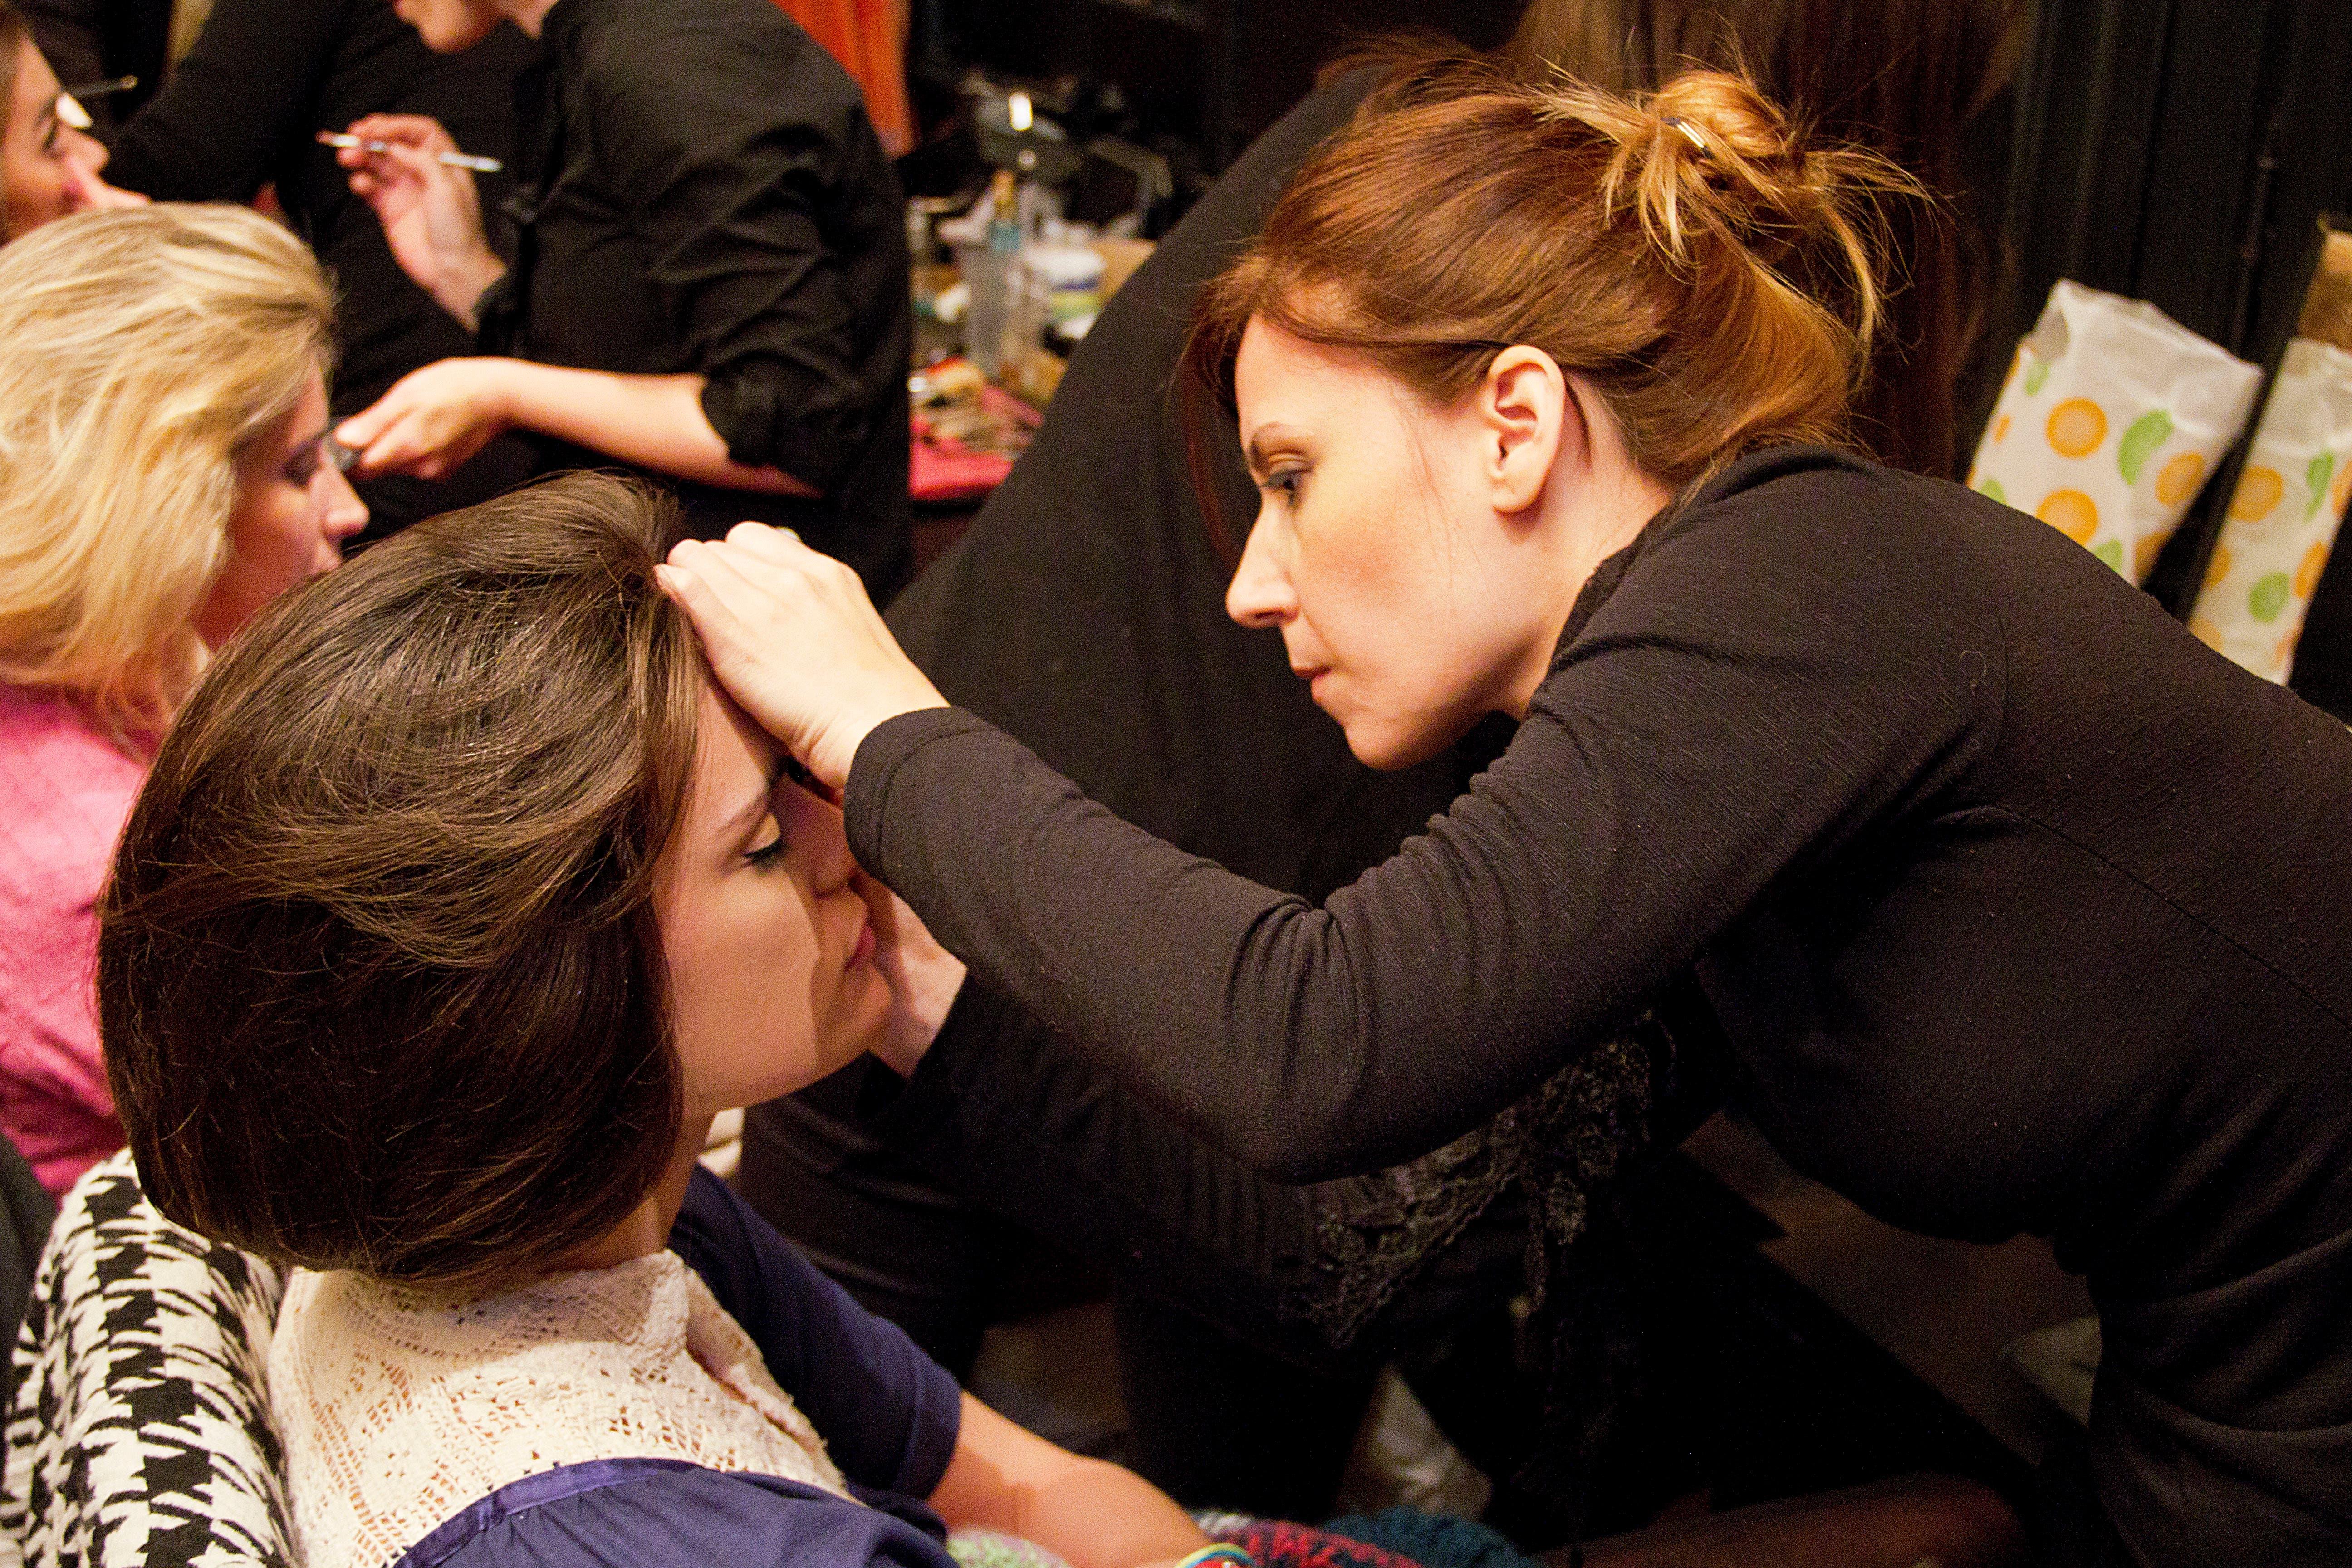 Las modelos se preparan para el desfile. Foto: /hola.com.ar